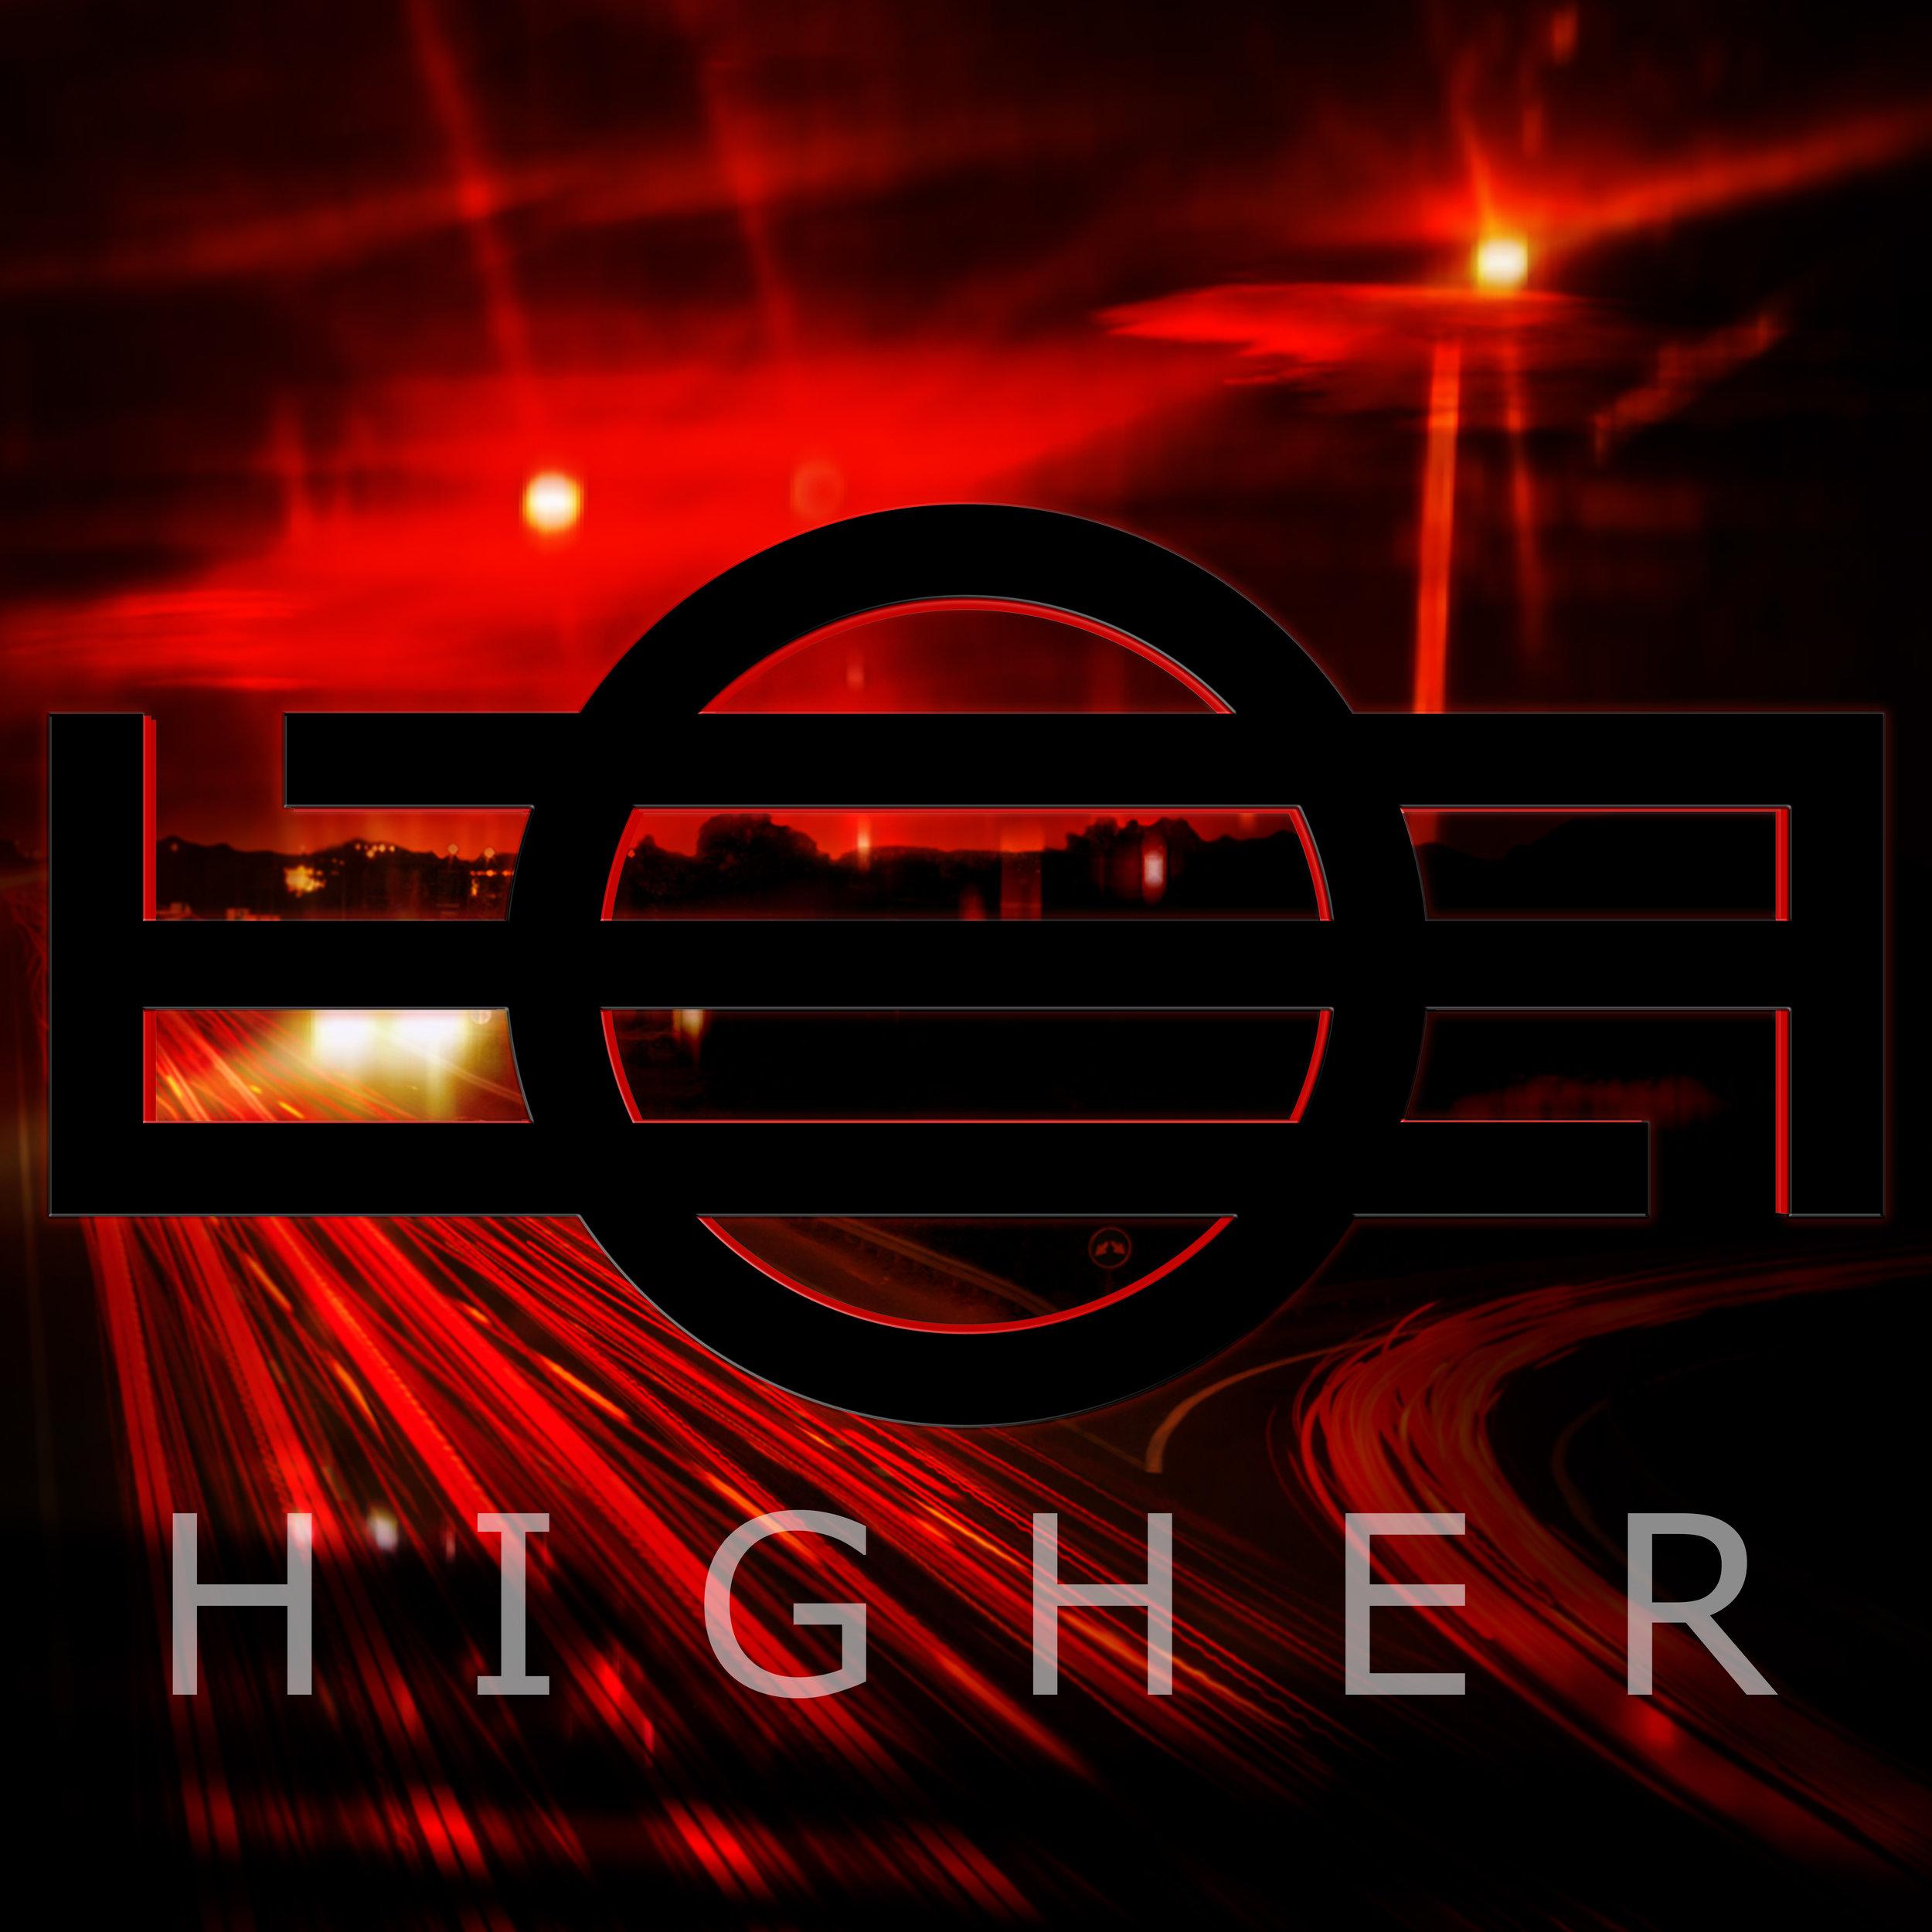 Higher Art 1 Final.jpg